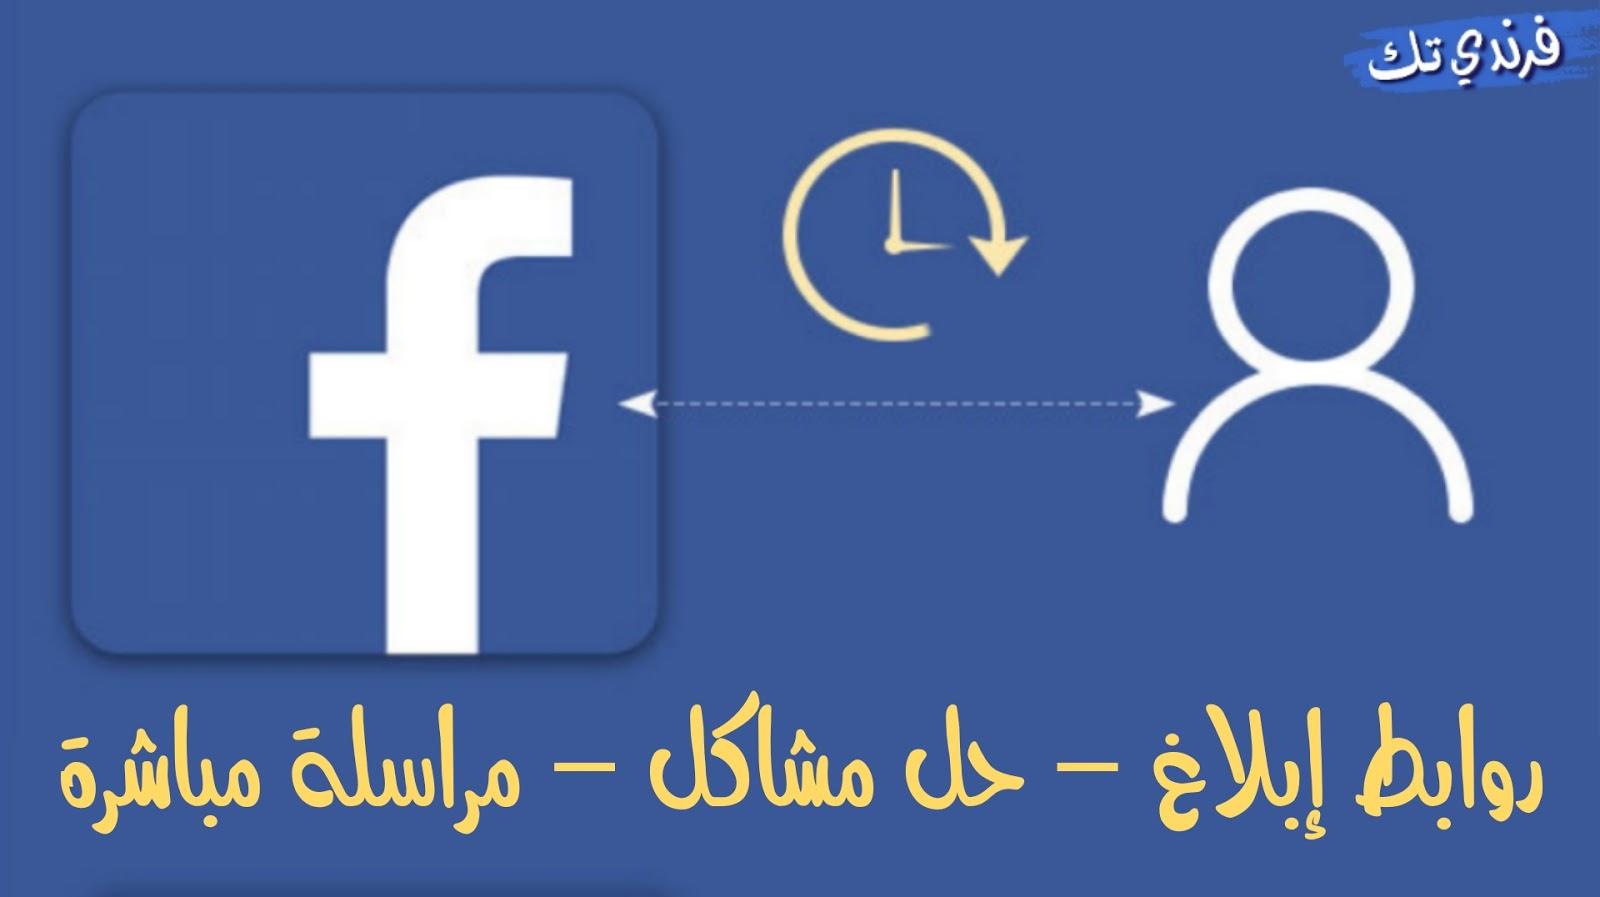 جميع روابط الإتصال بدعم الفيسبوك 2020 ابلاغ مراسلة محدث بأستمرار